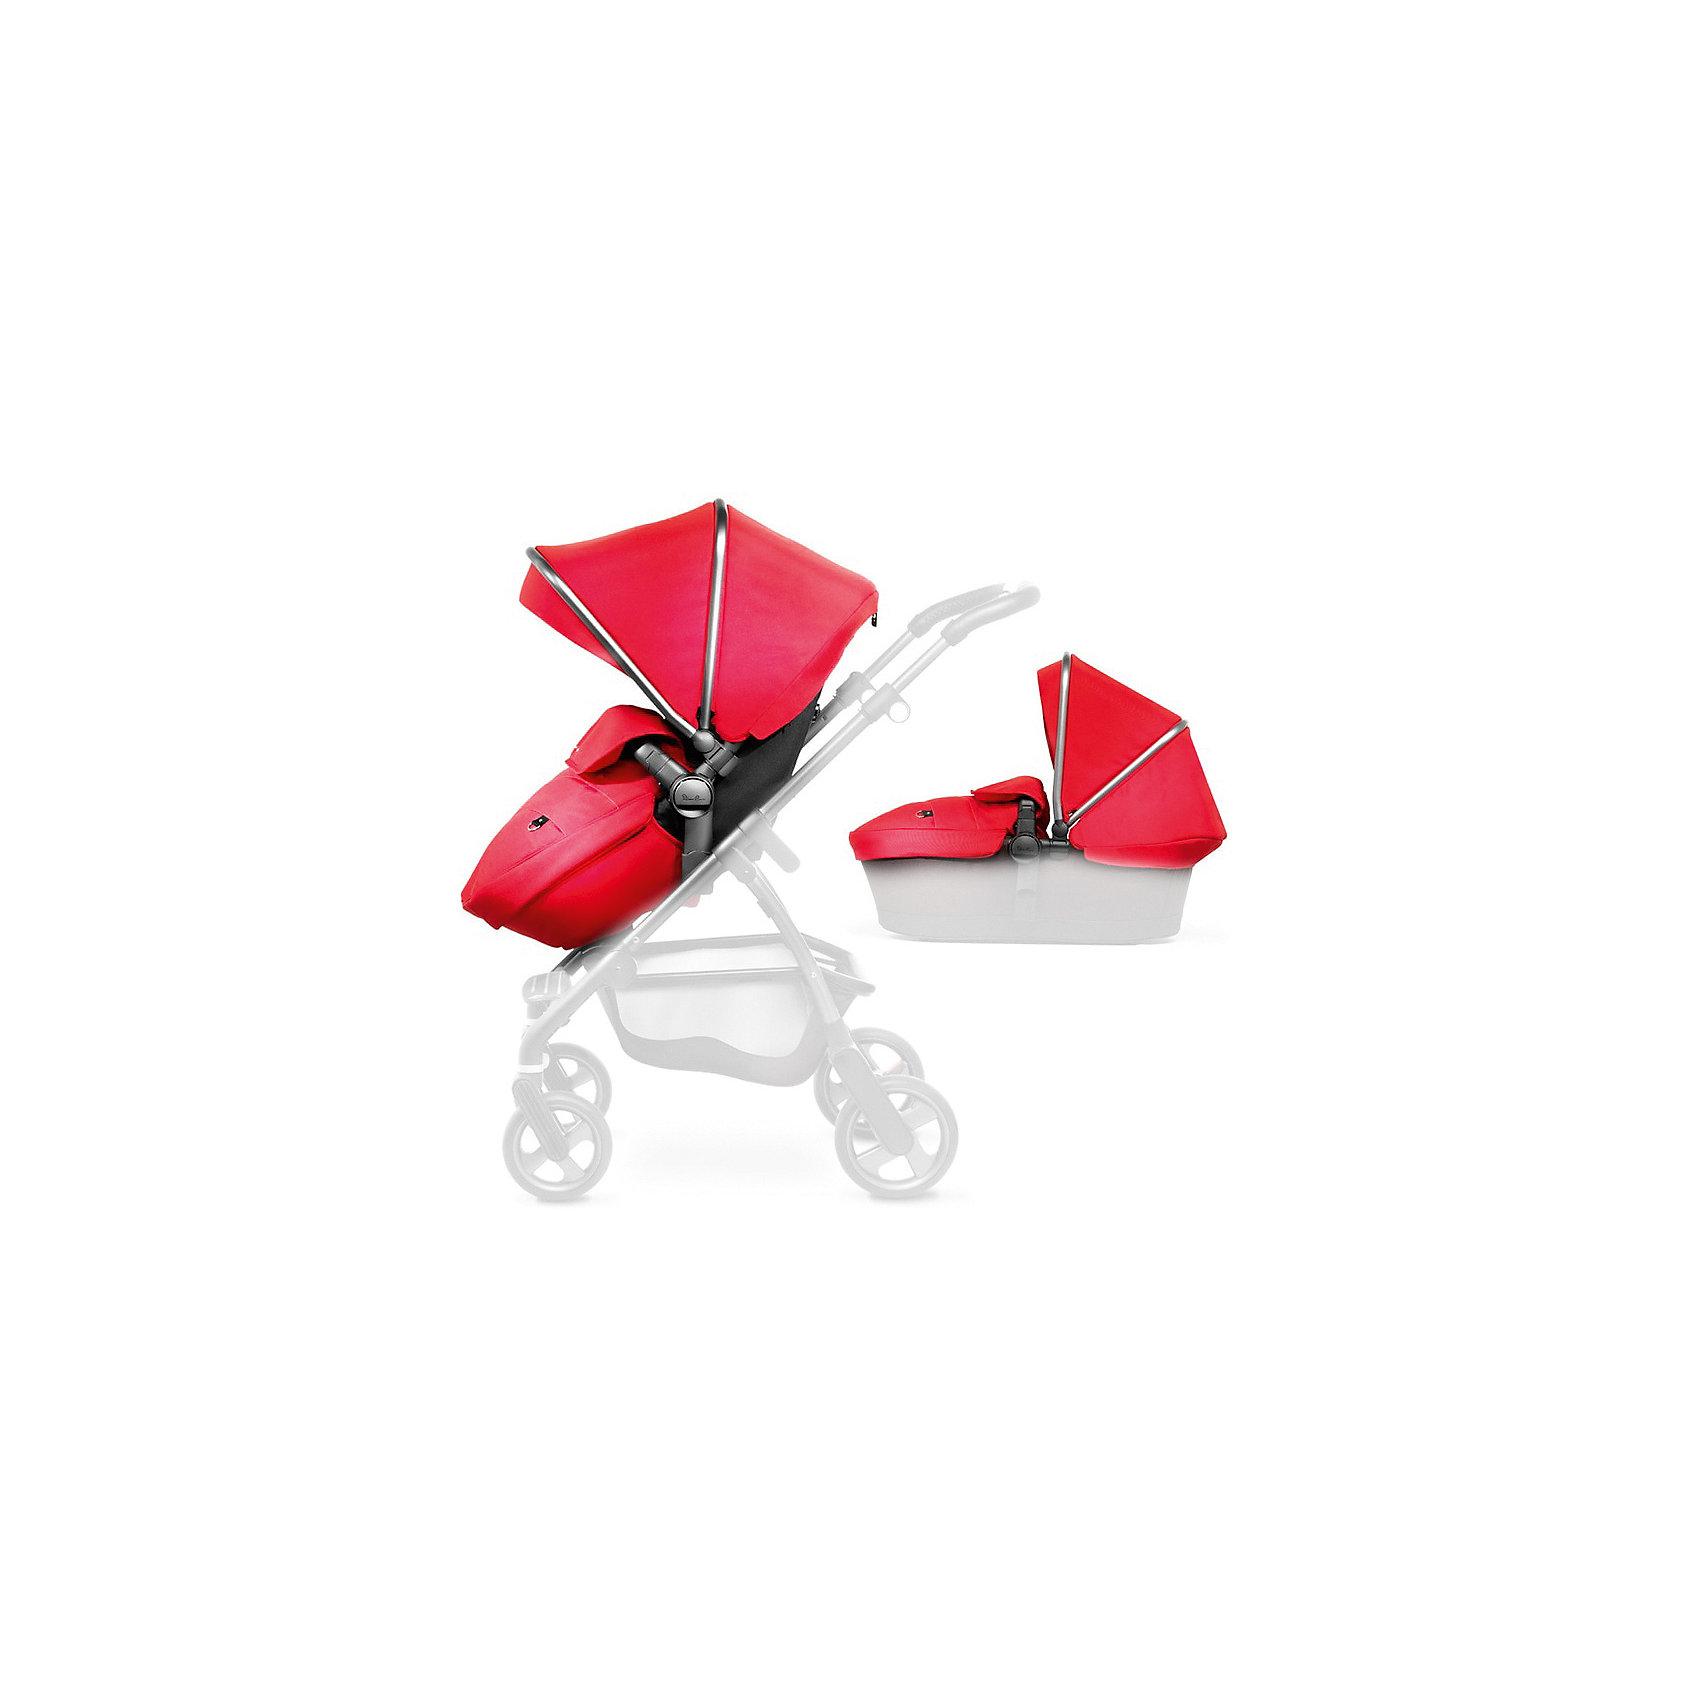 Aксессуары для колясок Surf, Silver Cross, graphite/chilliАксессуары для колясок<br>Маленькие дети проводят в коляске достаточно много времени. Обеспечить ребенку удобство в коляске - ответсвенная задача для родителей. Для владельцев колясок модели Surf от бренда Silver Cross есть возможность значительно повысить комфорт малыша, установив на коляску такой специальный фартук и в цвет нему - капюшон.<br>Он обеспечит ребенку защиту не только от осадков - материал капюшона пропускает минимальное количество ультрафиолетовых лучей, которые могут быть опасны для малыша. Капюшон прочный, стильно выглядит. Сделан комплект из качественных материалов, безопасных для ребенка.<br><br>Дополнительная информация:<br><br>капюшон<br><br>цвет: красный;<br>материал: текстиль, металл;<br>легко устанавливается;<br>имеет возможность фиксации в нескольких положениях;<br>прочный корпус.<br><br>чехол на ножки<br><br>материал: текстиль;<br>надежные крепления к коляске;<br>легко чистится.<br><br>Aксессуары для колясок Surf от бренда Silver Cross можно купить в нашем магазине.<br><br>Ширина мм: 100<br>Глубина мм: 500<br>Высота мм: 500<br>Вес г: 2500<br>Возраст от месяцев: 0<br>Возраст до месяцев: 36<br>Пол: Унисекс<br>Возраст: Детский<br>SKU: 5011694